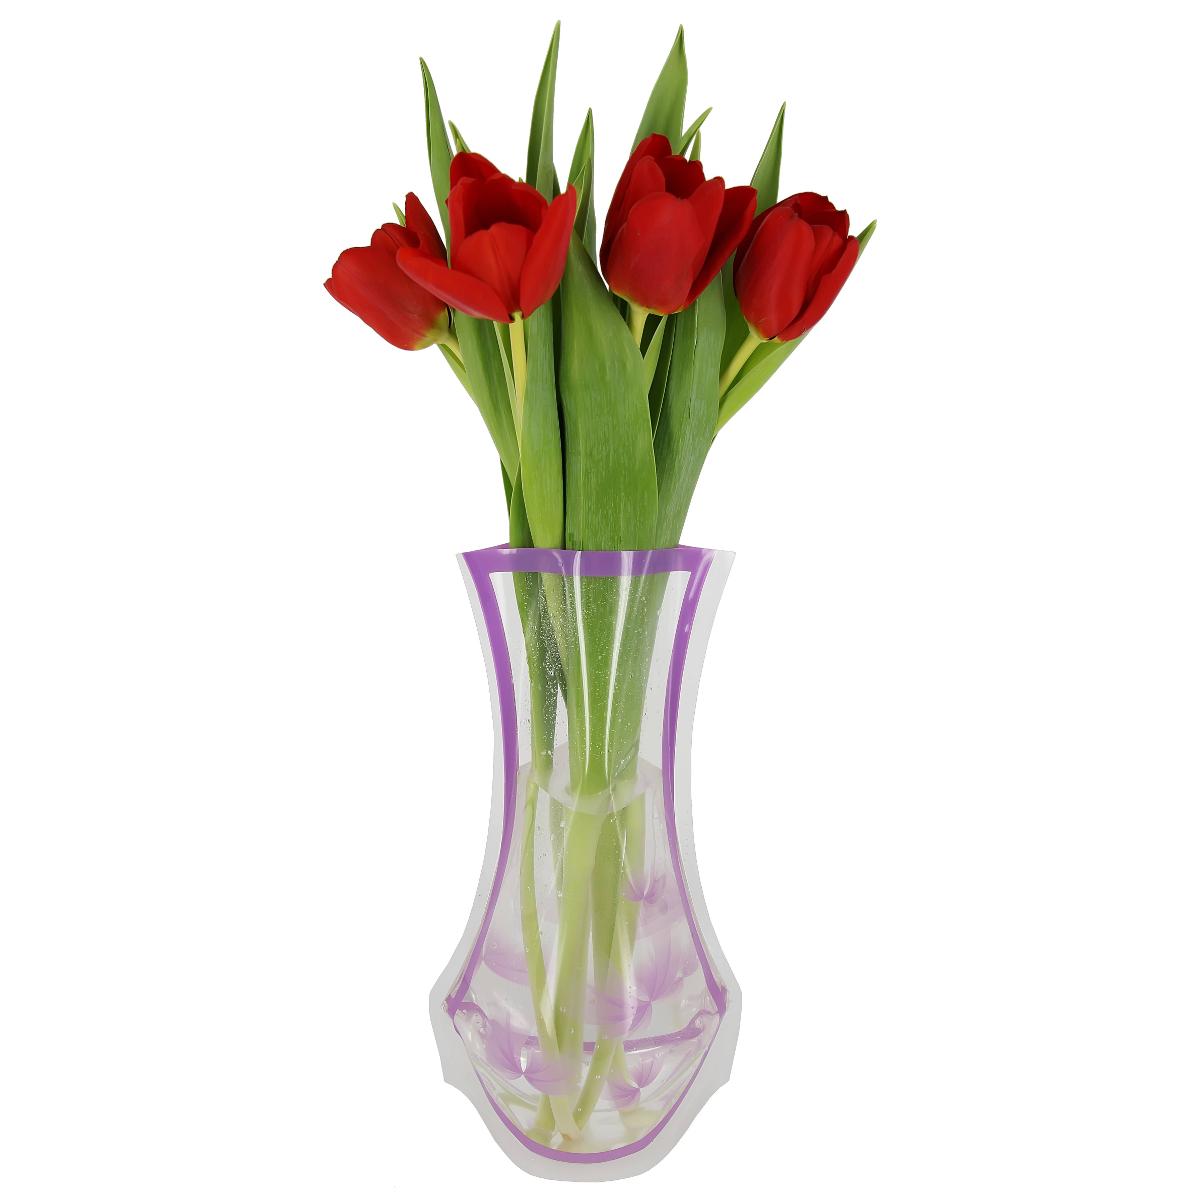 Ваза МастерПроф Фиолетовые лепестки, пластичная, 1,2 лHS.040025Пластичная ваза Фиолетовые лепестки легко складывается, удобно хранится - занимает мало места, долго служит. Всегда пригодится дома, в офисе, на даче, для оформления различных меропритятий. Отлично подойдет для перевозки цветов, или просто в подарок. Инструкция: 1. Наполните вазу теплой водой; 2. Дно и стенки расправятся; 3. Вылейте воду; 4. Наполните вазу холодной водой; 5. Вставьте цветы. Меры предосторожности: Хранить вдали от источников тепла и яркого солнечного света. С осторожностью применять для растений с длинными стеблями и с крупными соцветиями, что бы избежать опрокидывания вазы.